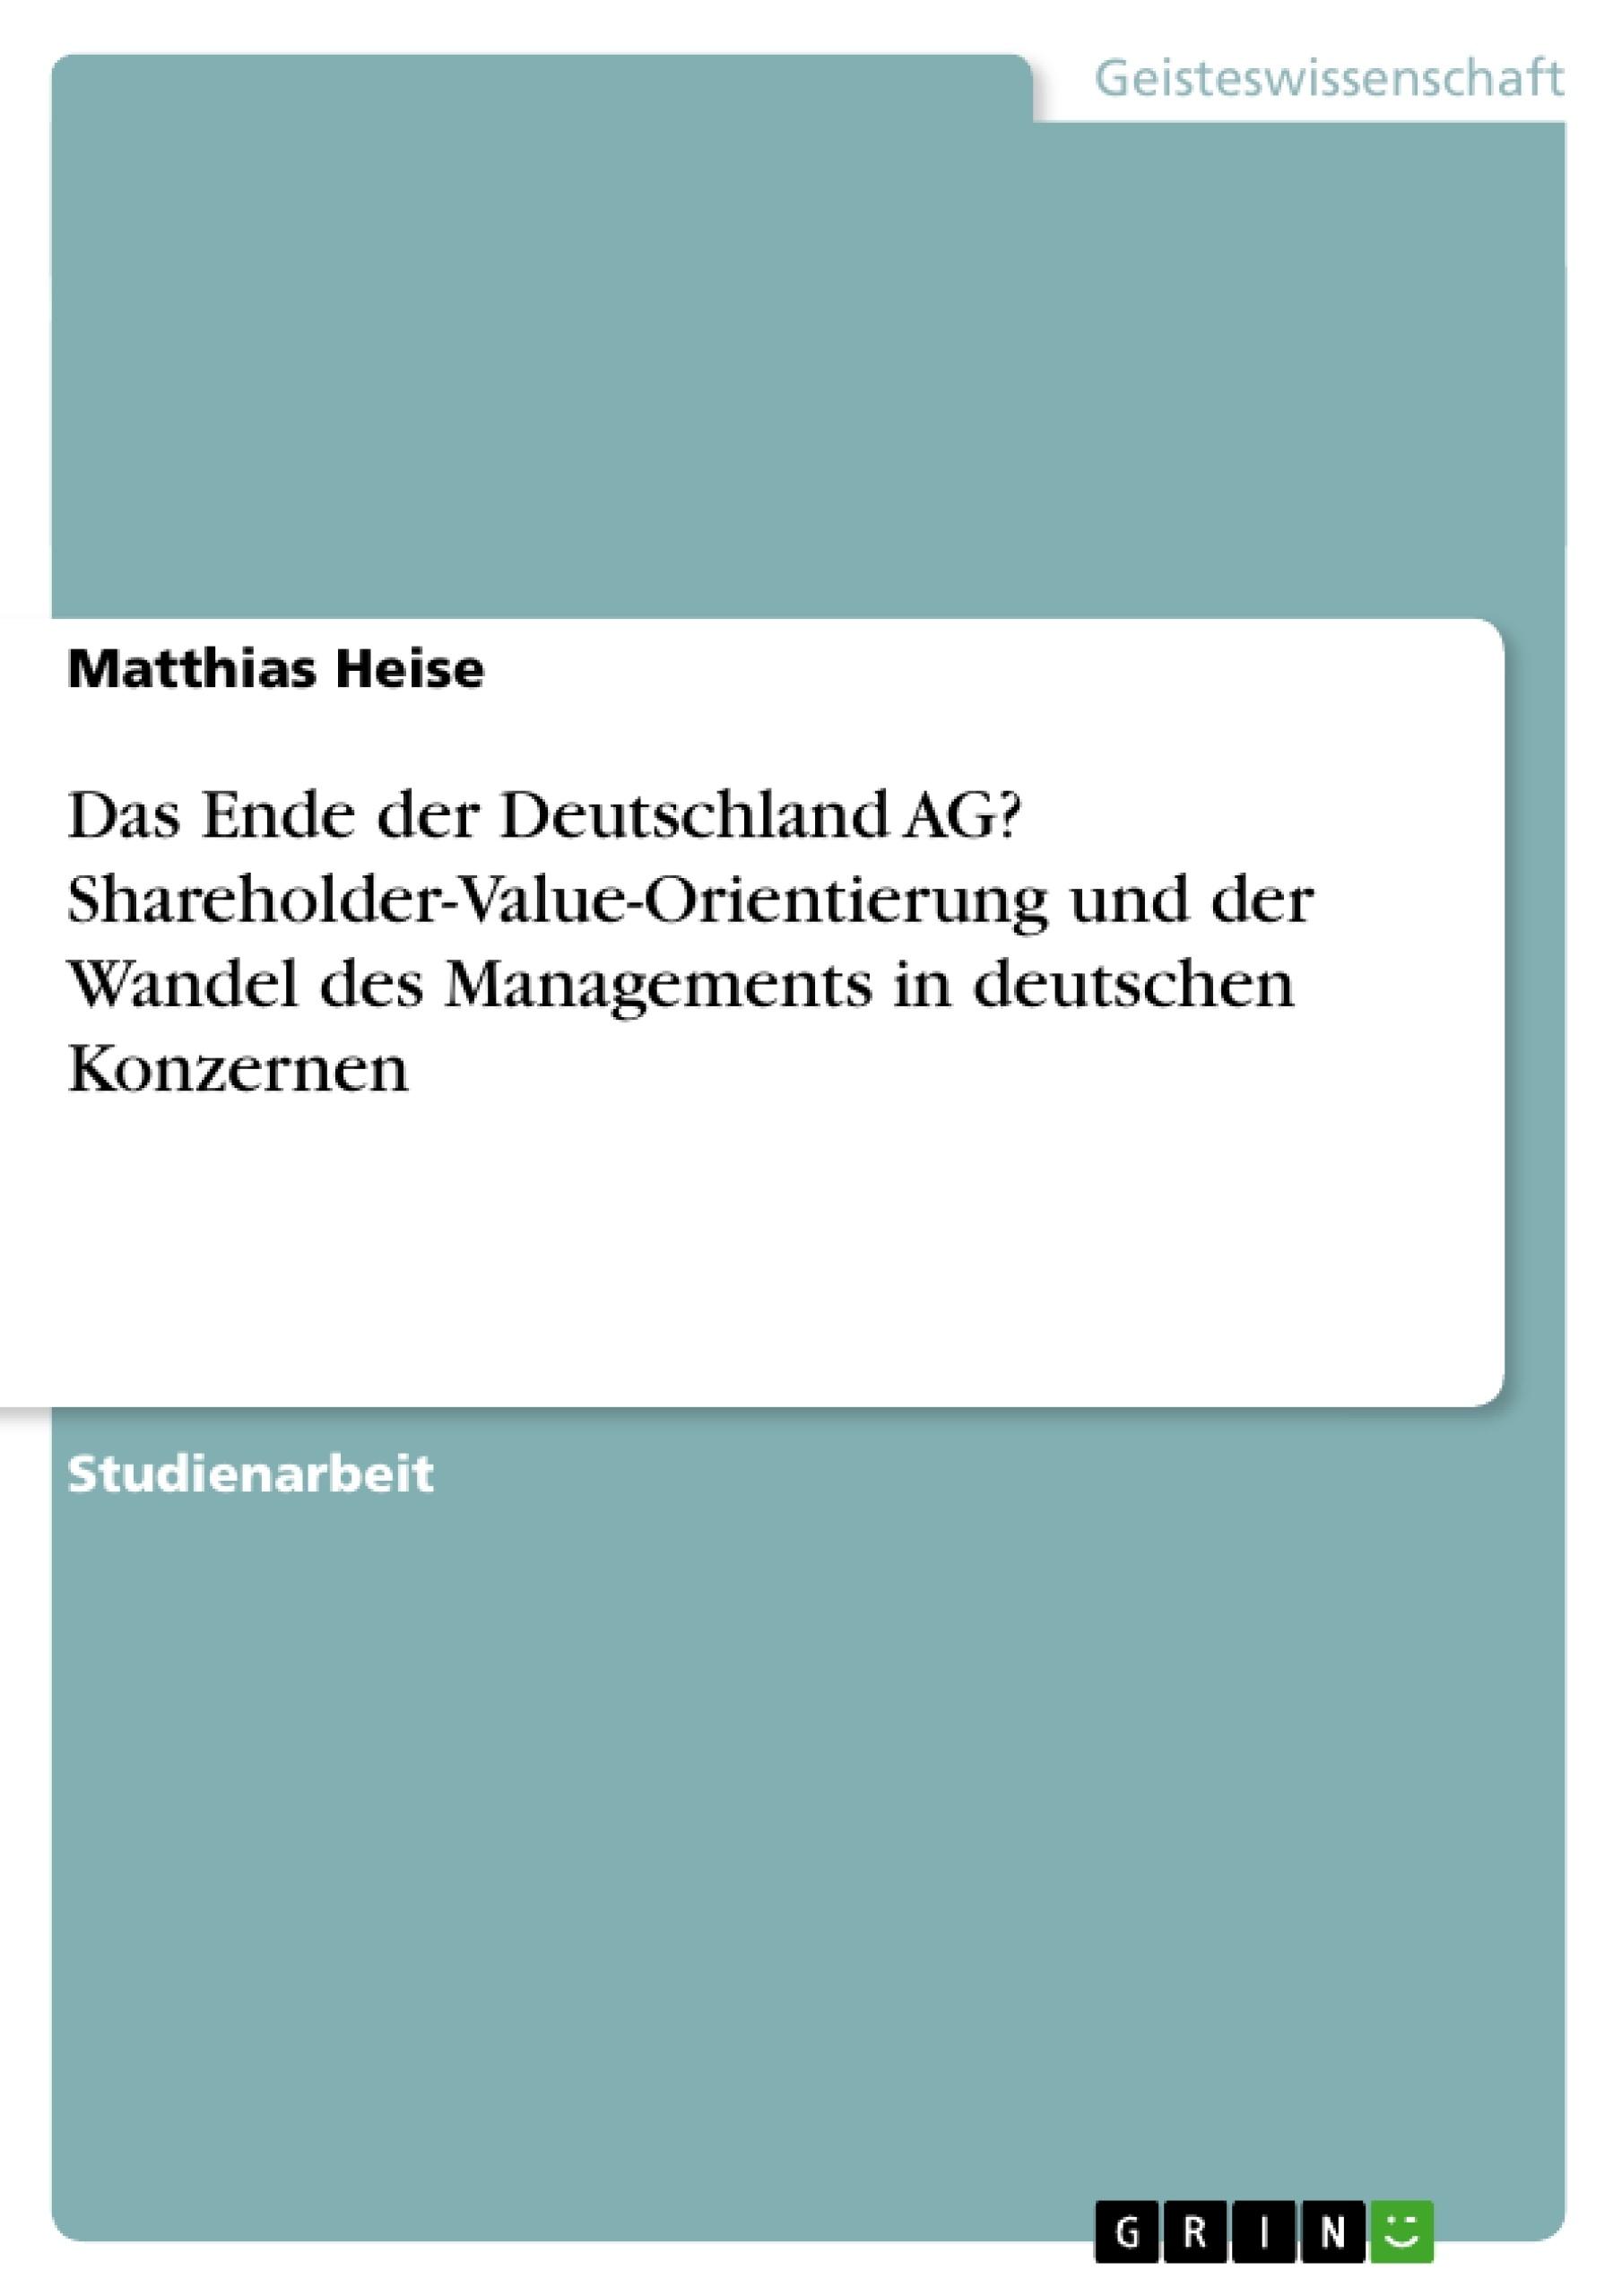 Titel: Das Ende der Deutschland AG? Shareholder-Value-Orientierung und der Wandel des Managements in deutschen Konzernen